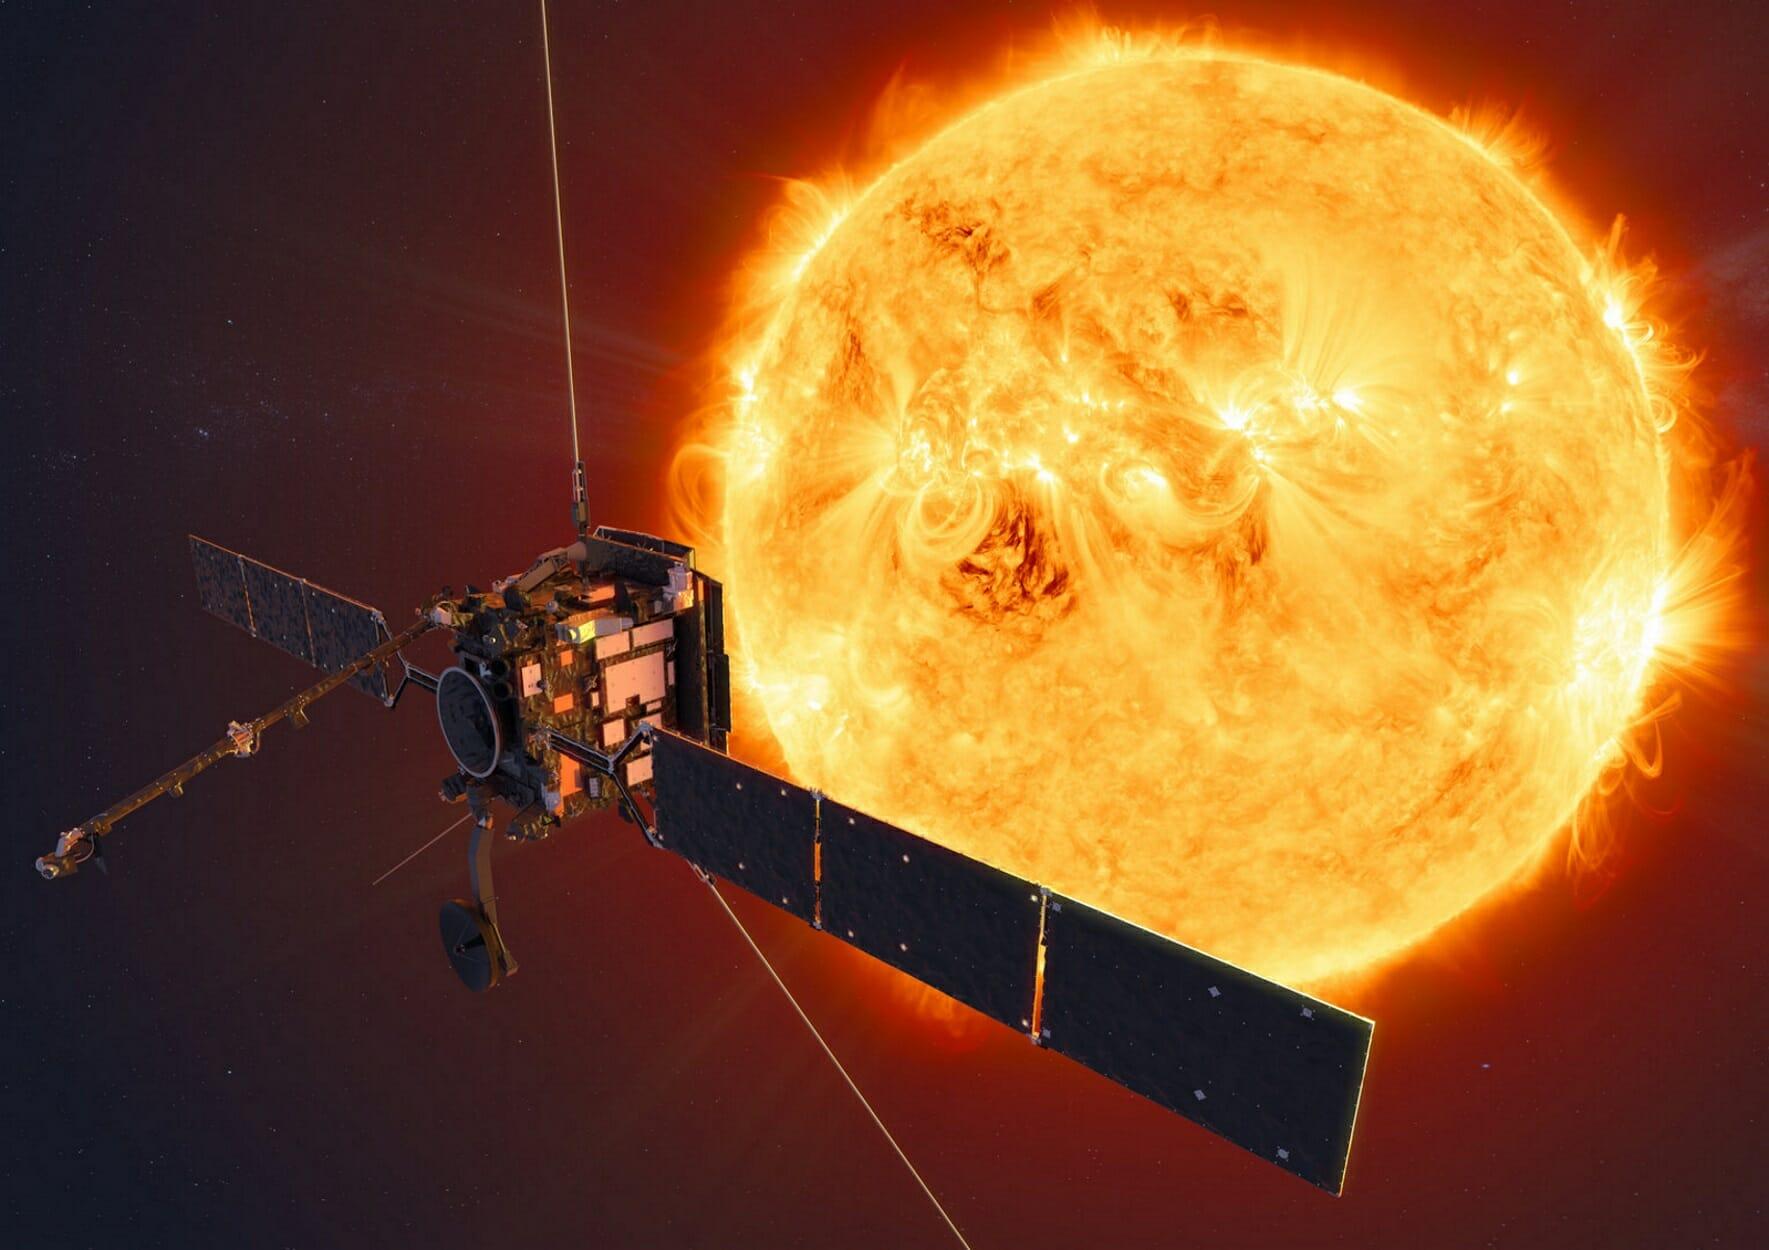 """Έρχονται τα πρώτα """"κλικ"""" από τους πόλους του 'Ήλιου! Εκτοξεύτηκε το Solar Orbiter"""